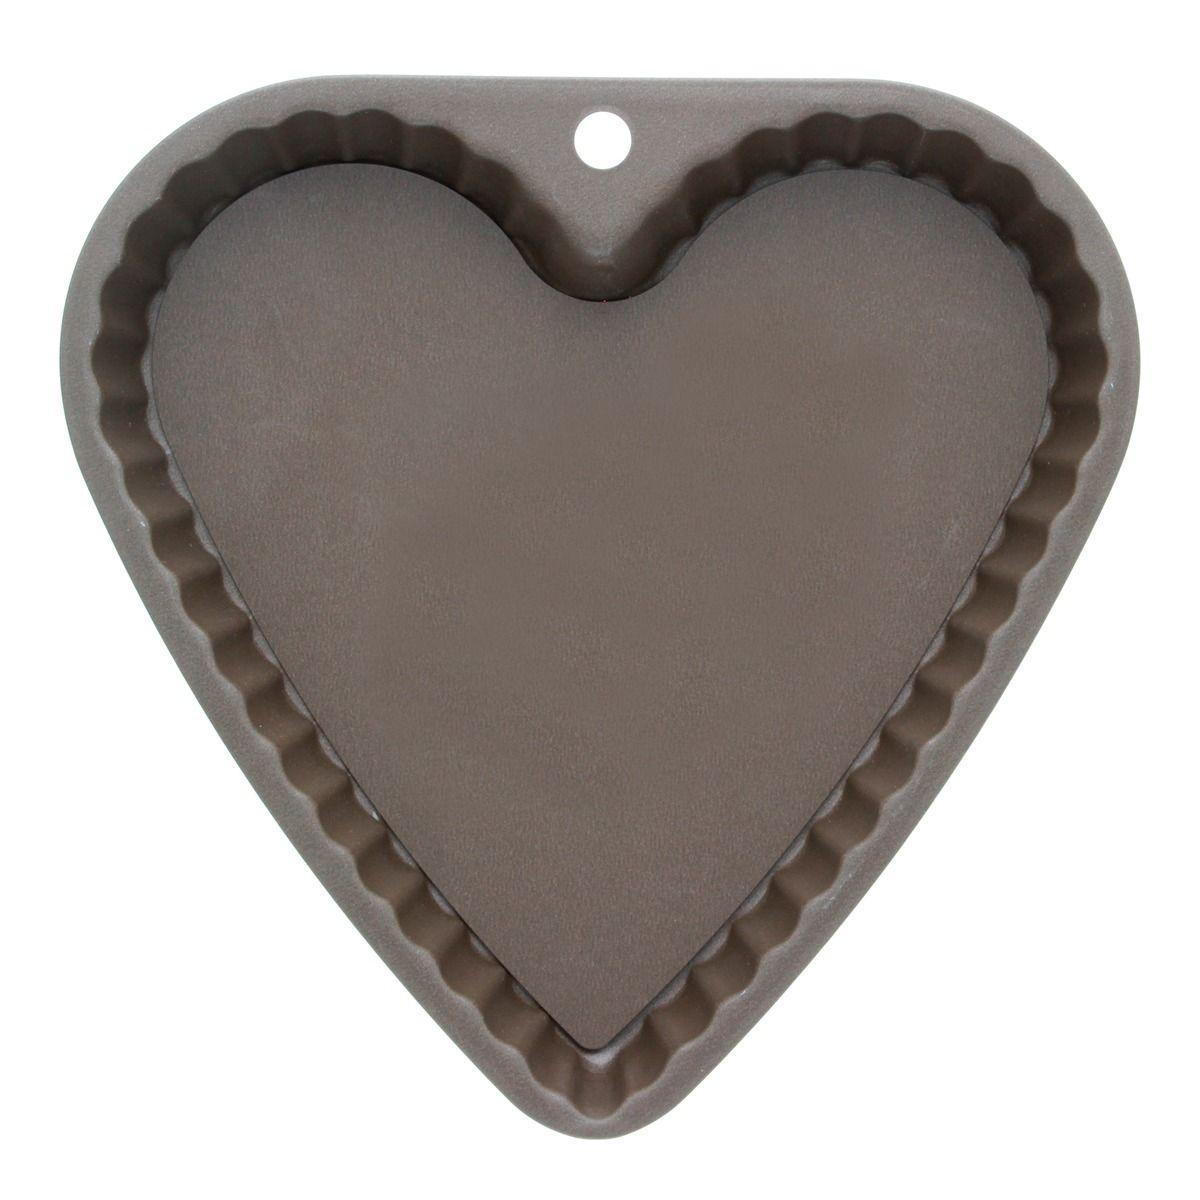 Moule à tarte en coeur en métal anti adhérent avec fond amovible 6/8 parts 23 cm - Alice Délice